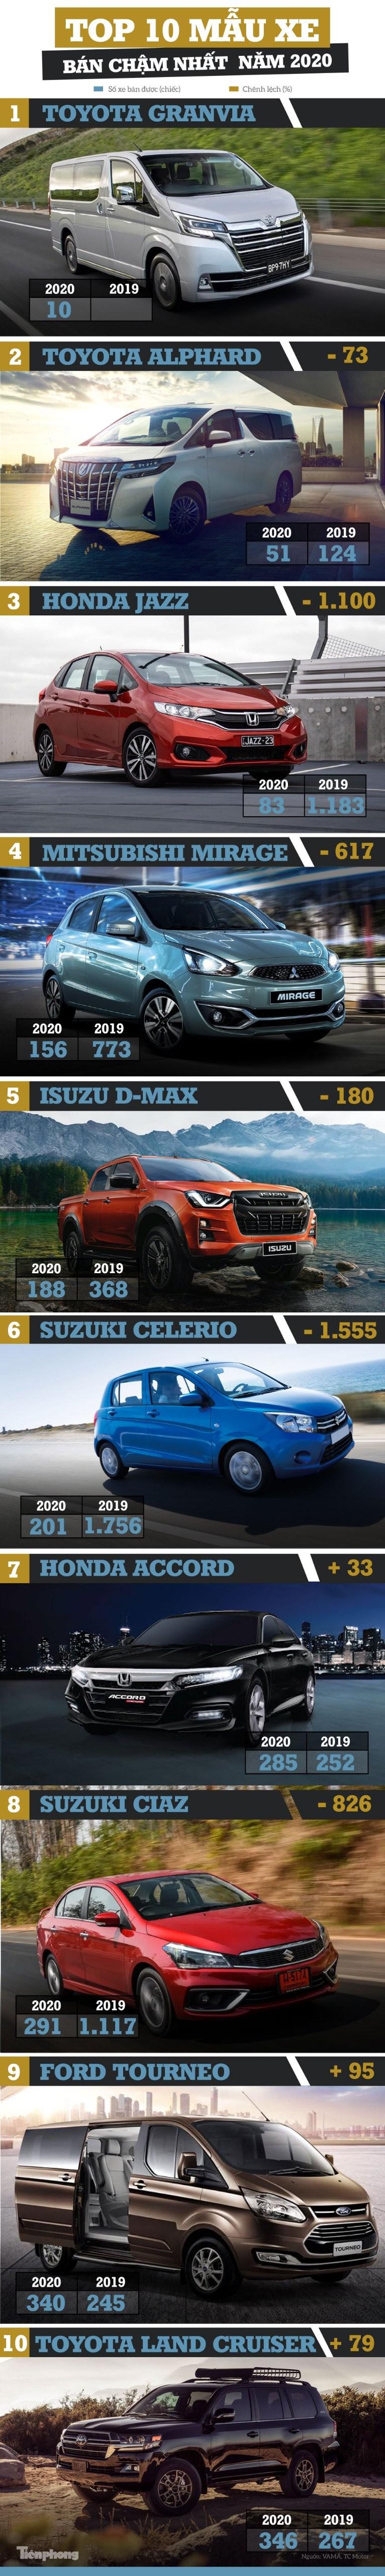 Top 10 ôtô 'kén khách' nhất năm 2020 tại Việt Nam - ảnh 1